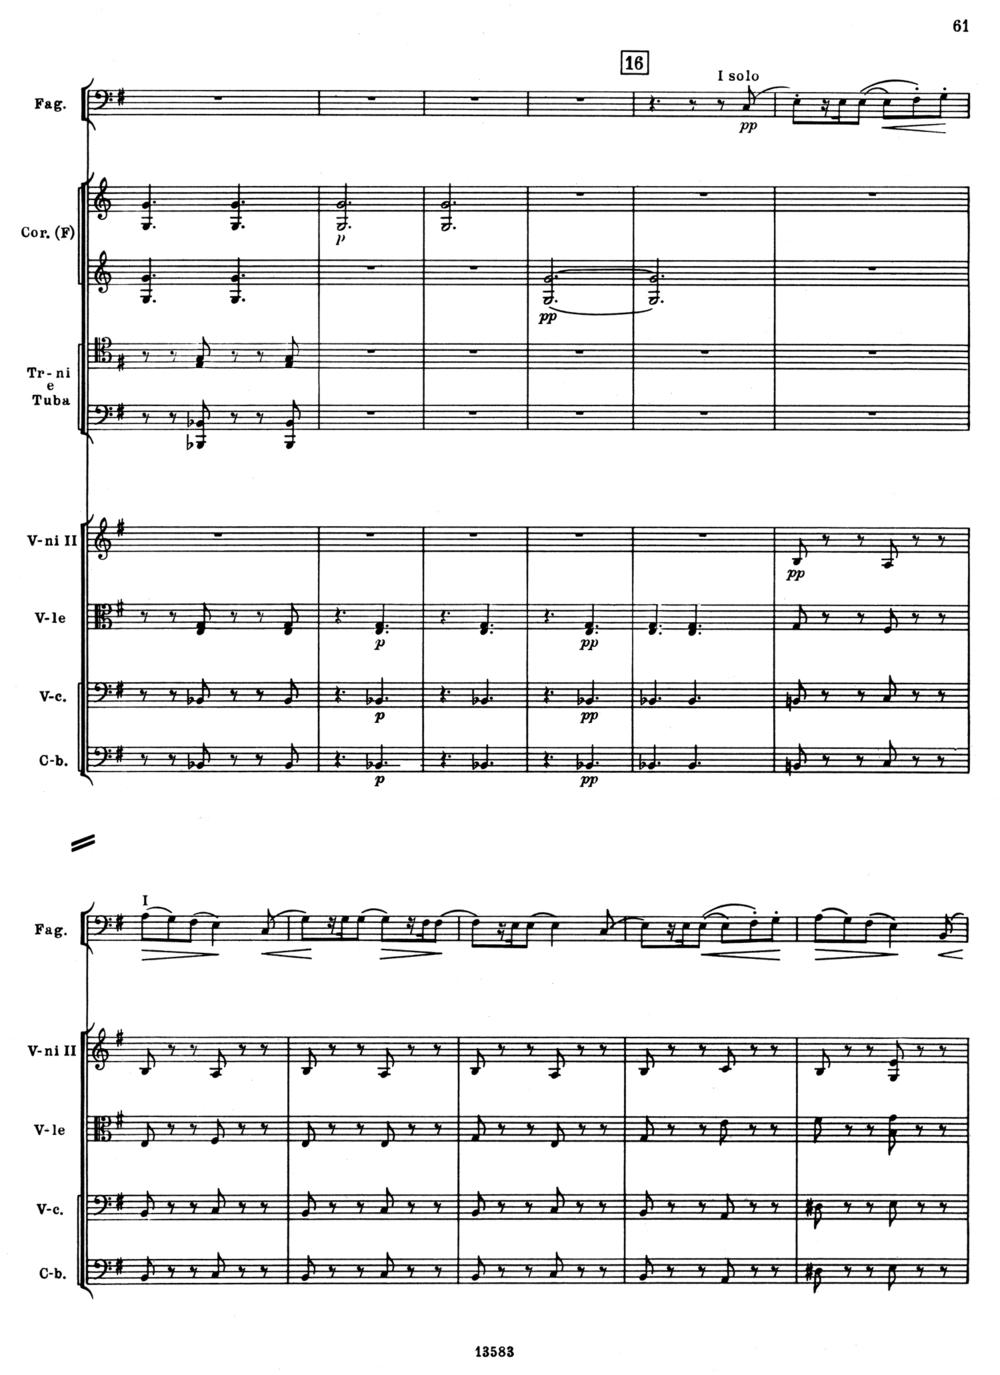 Tchaikovsky 5 Mvt 1 Score 1.jpg